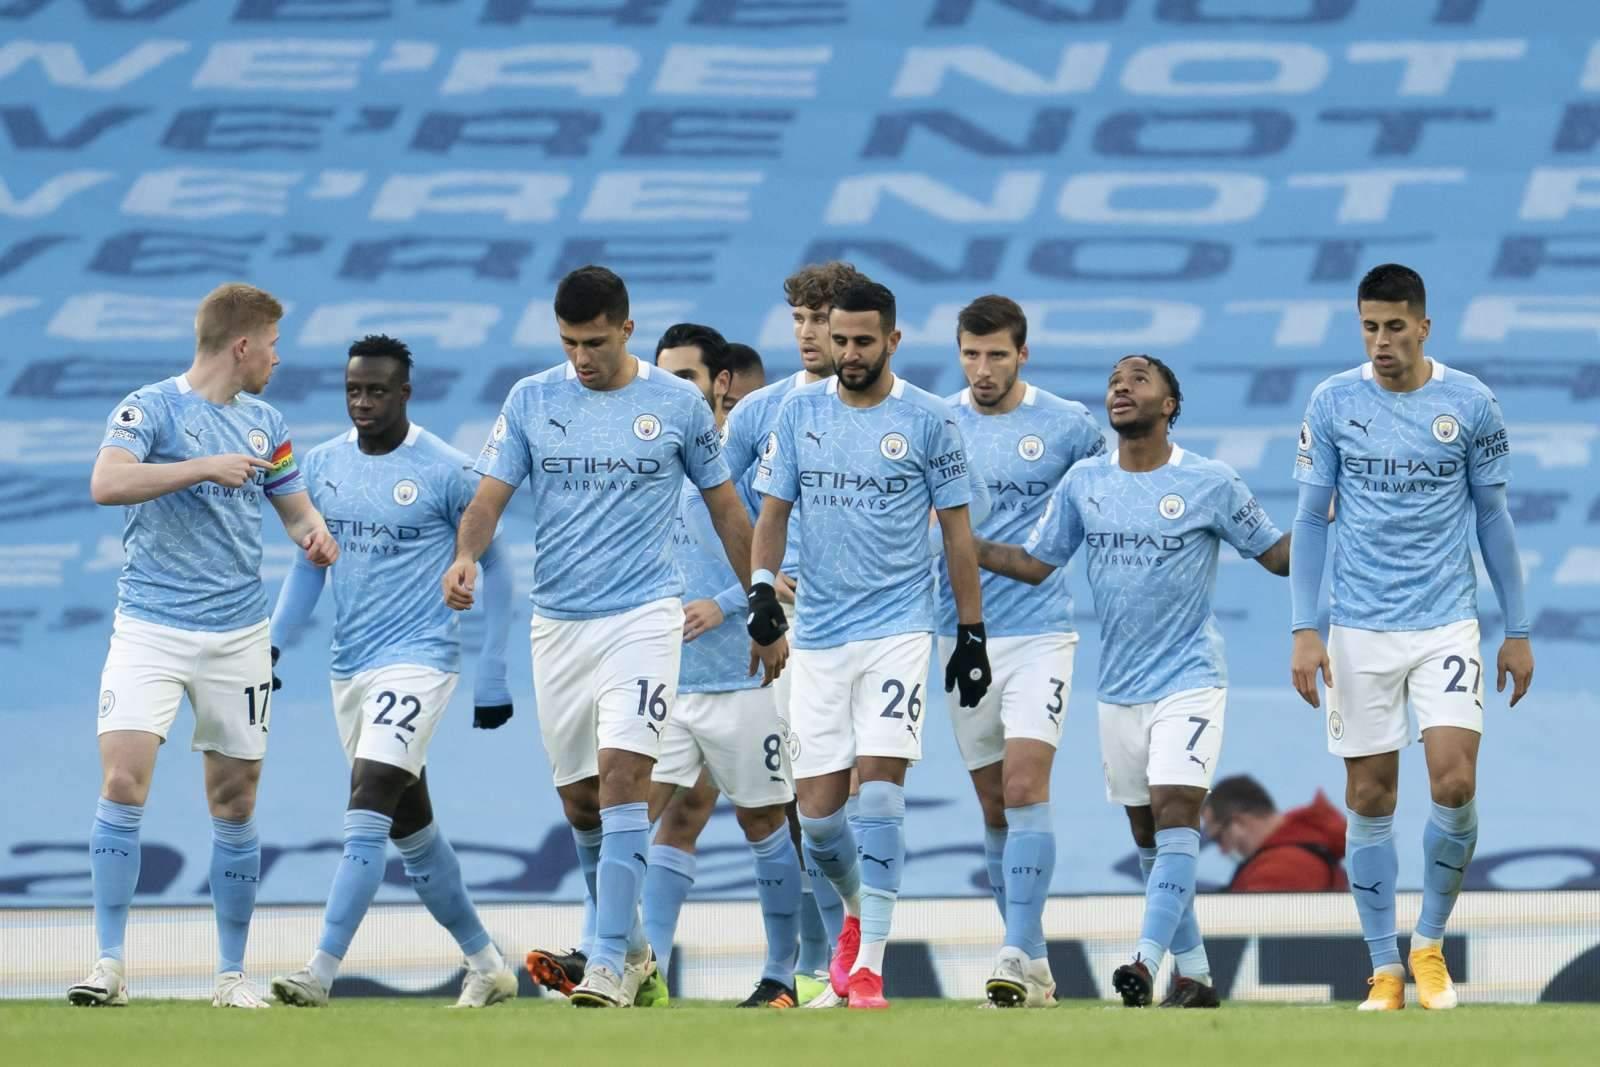 «Манчестер Сити» - «Астон Вилла»: прогноз на матч чемпионата Англии – 20 января 2021